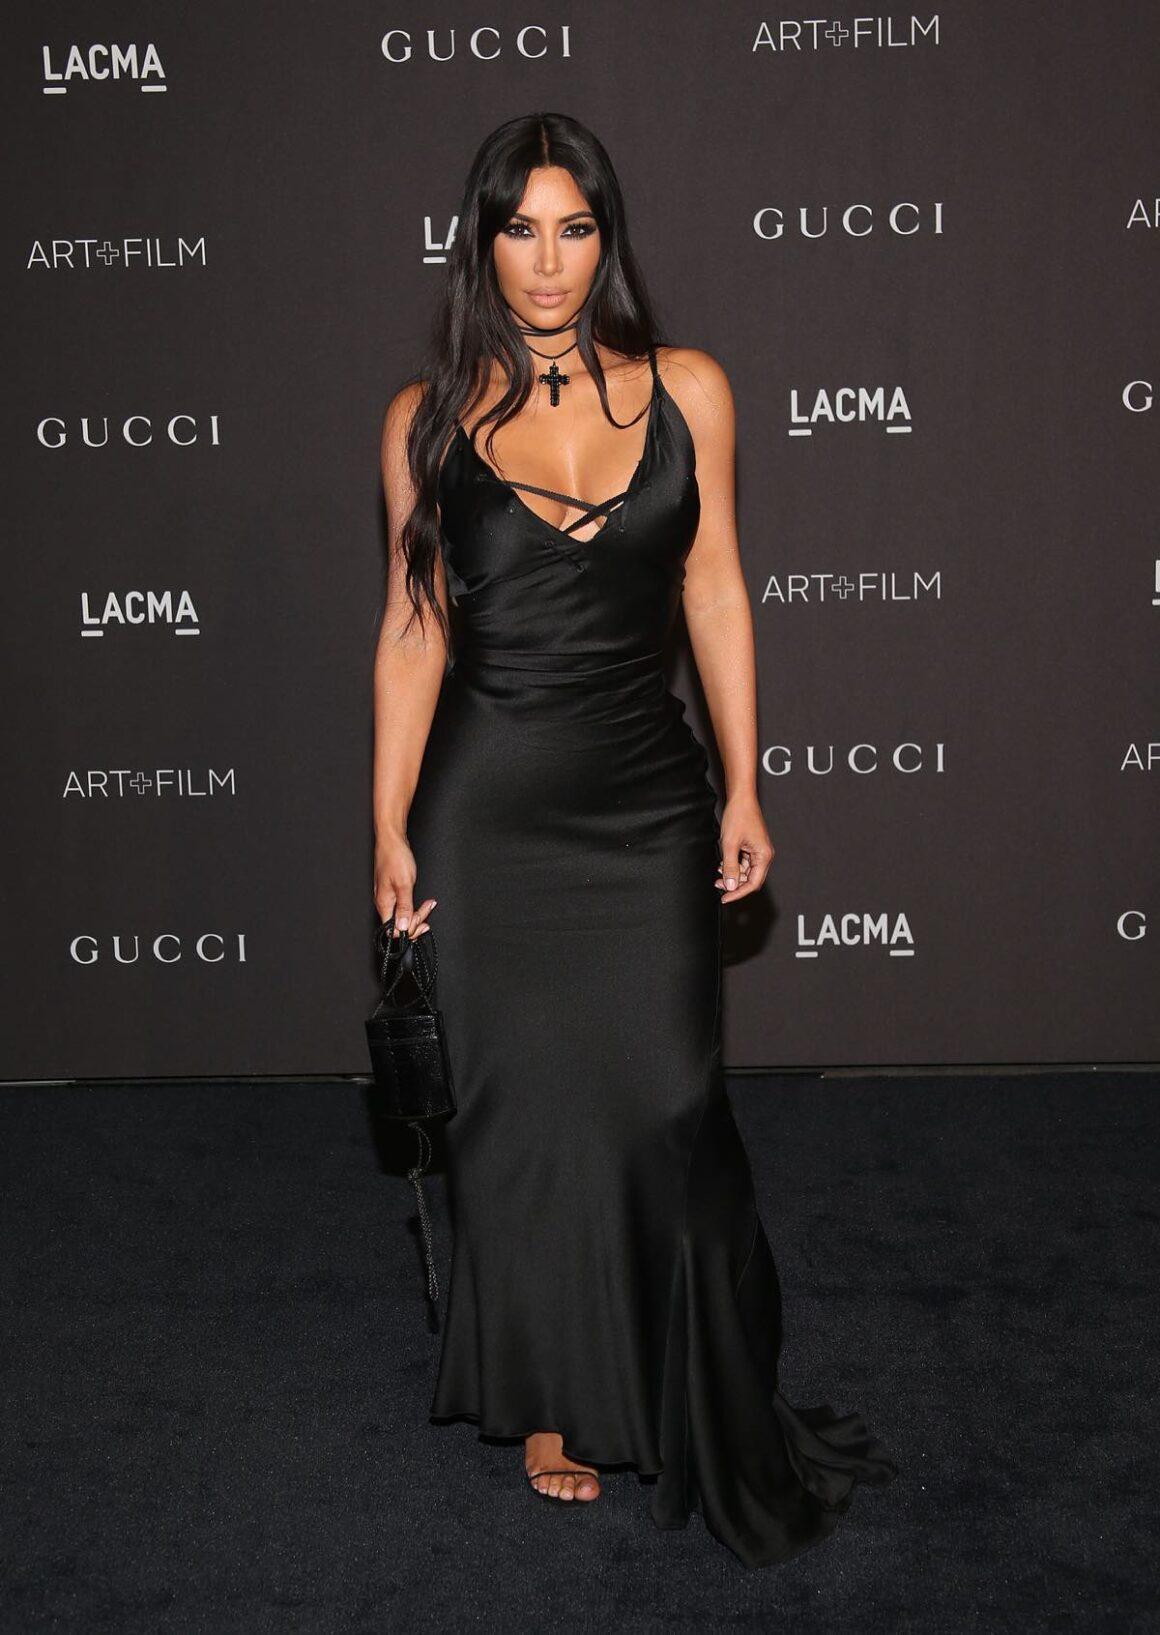 Kim Kardashian attends 2018 LACMA Art + Film Gala - Arrivals